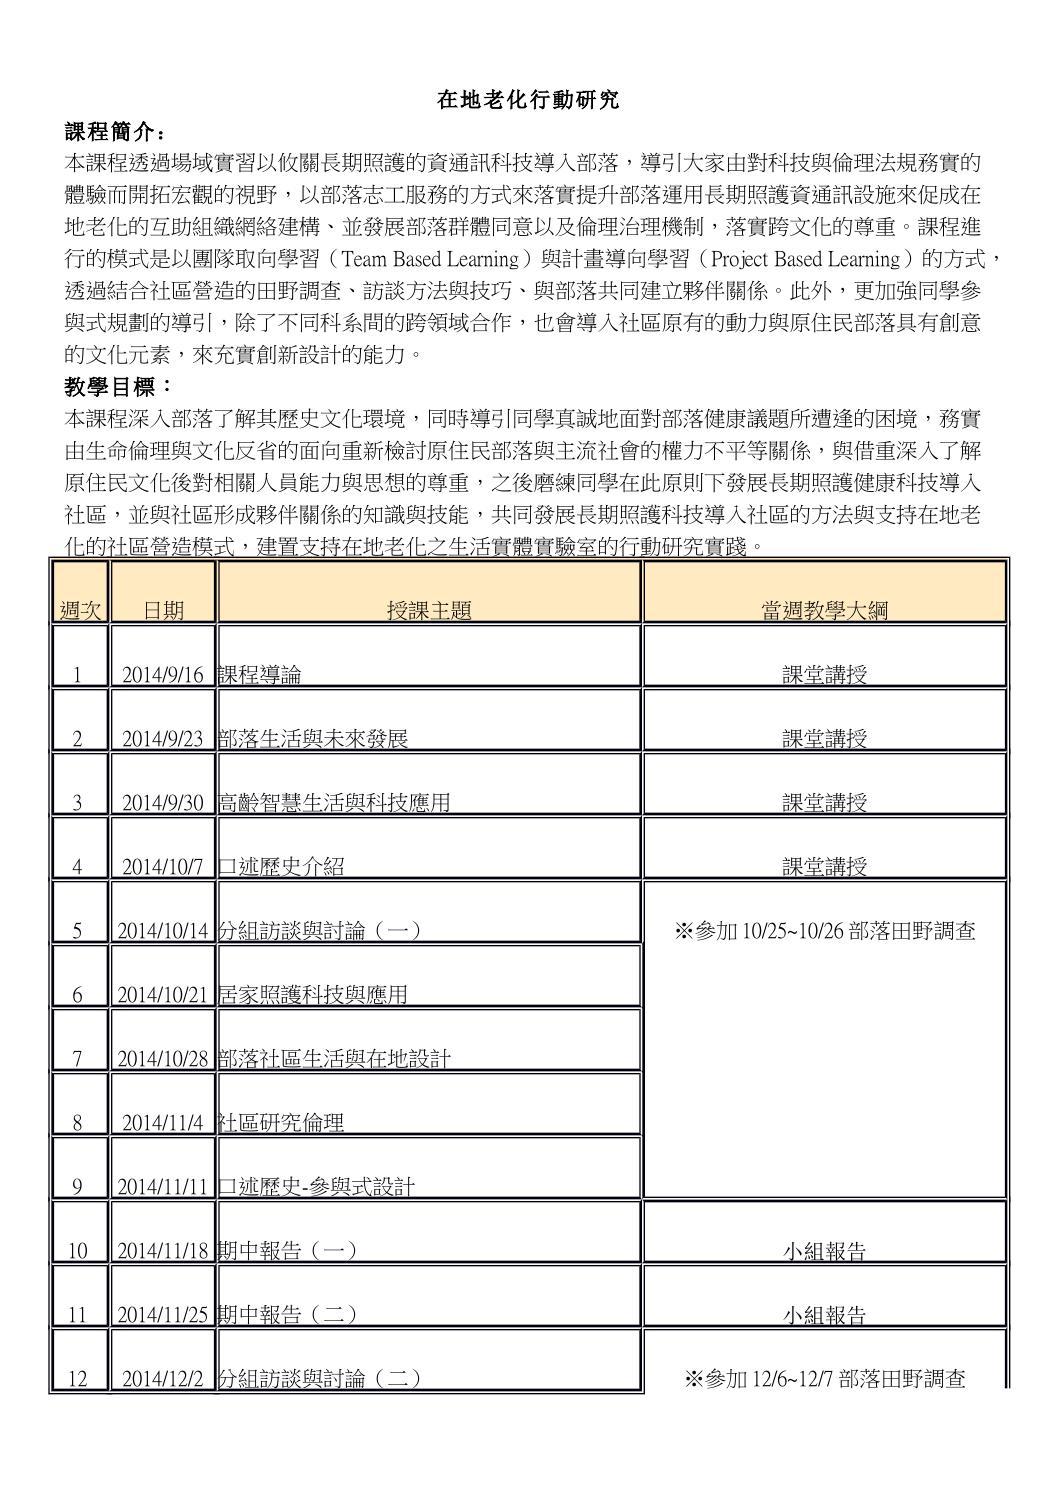 課綱 1031在地老化行動研究 by insight ewpg - Issuu